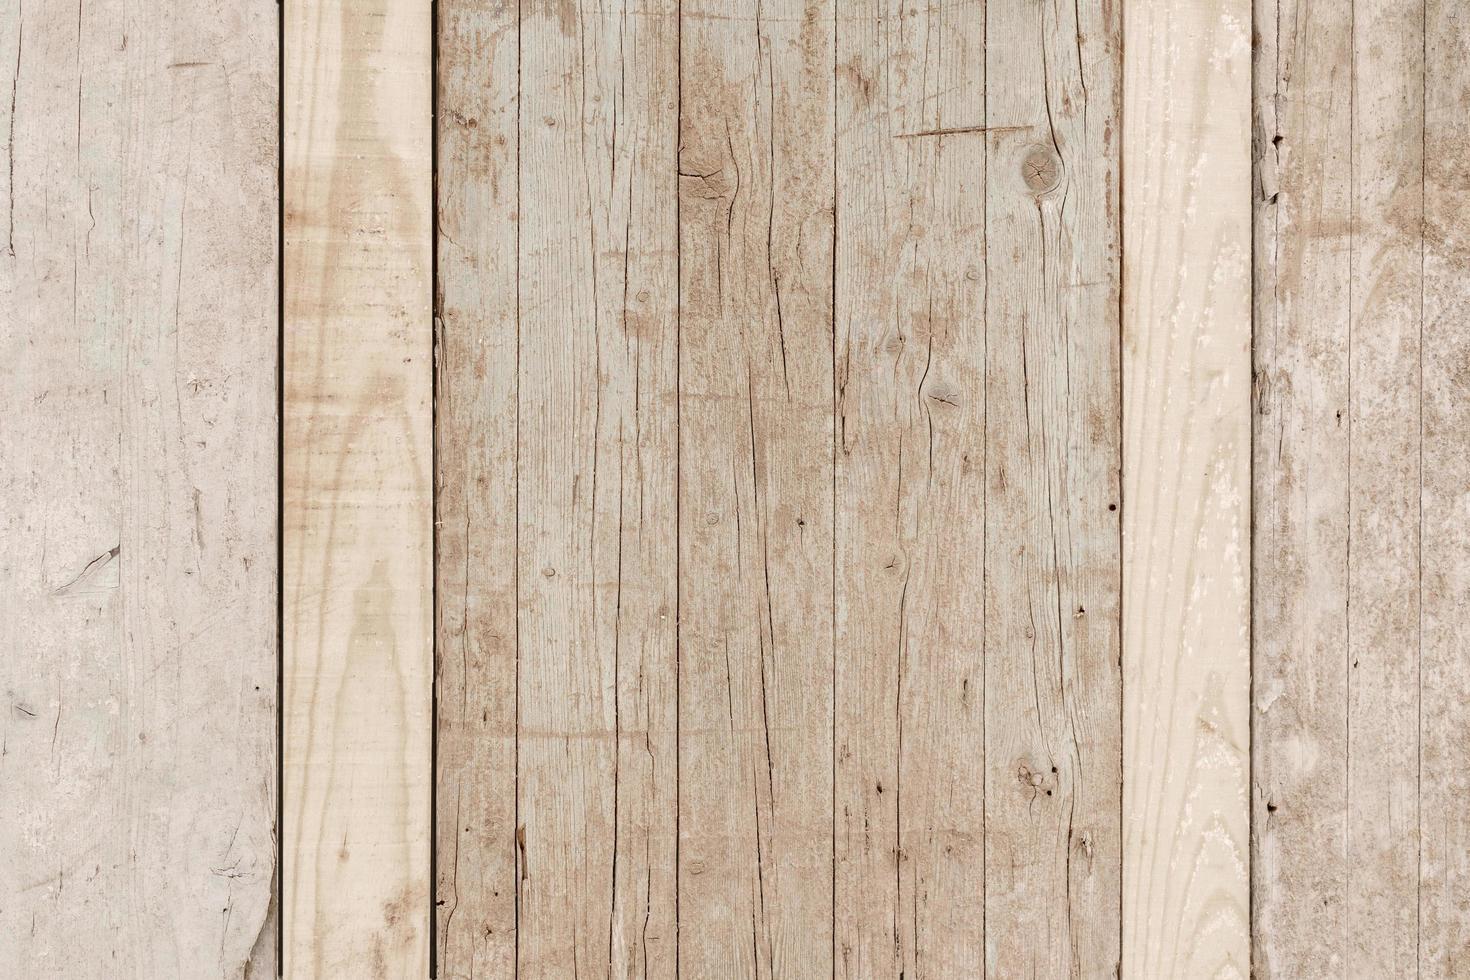 superficie rústica de madera clara foto